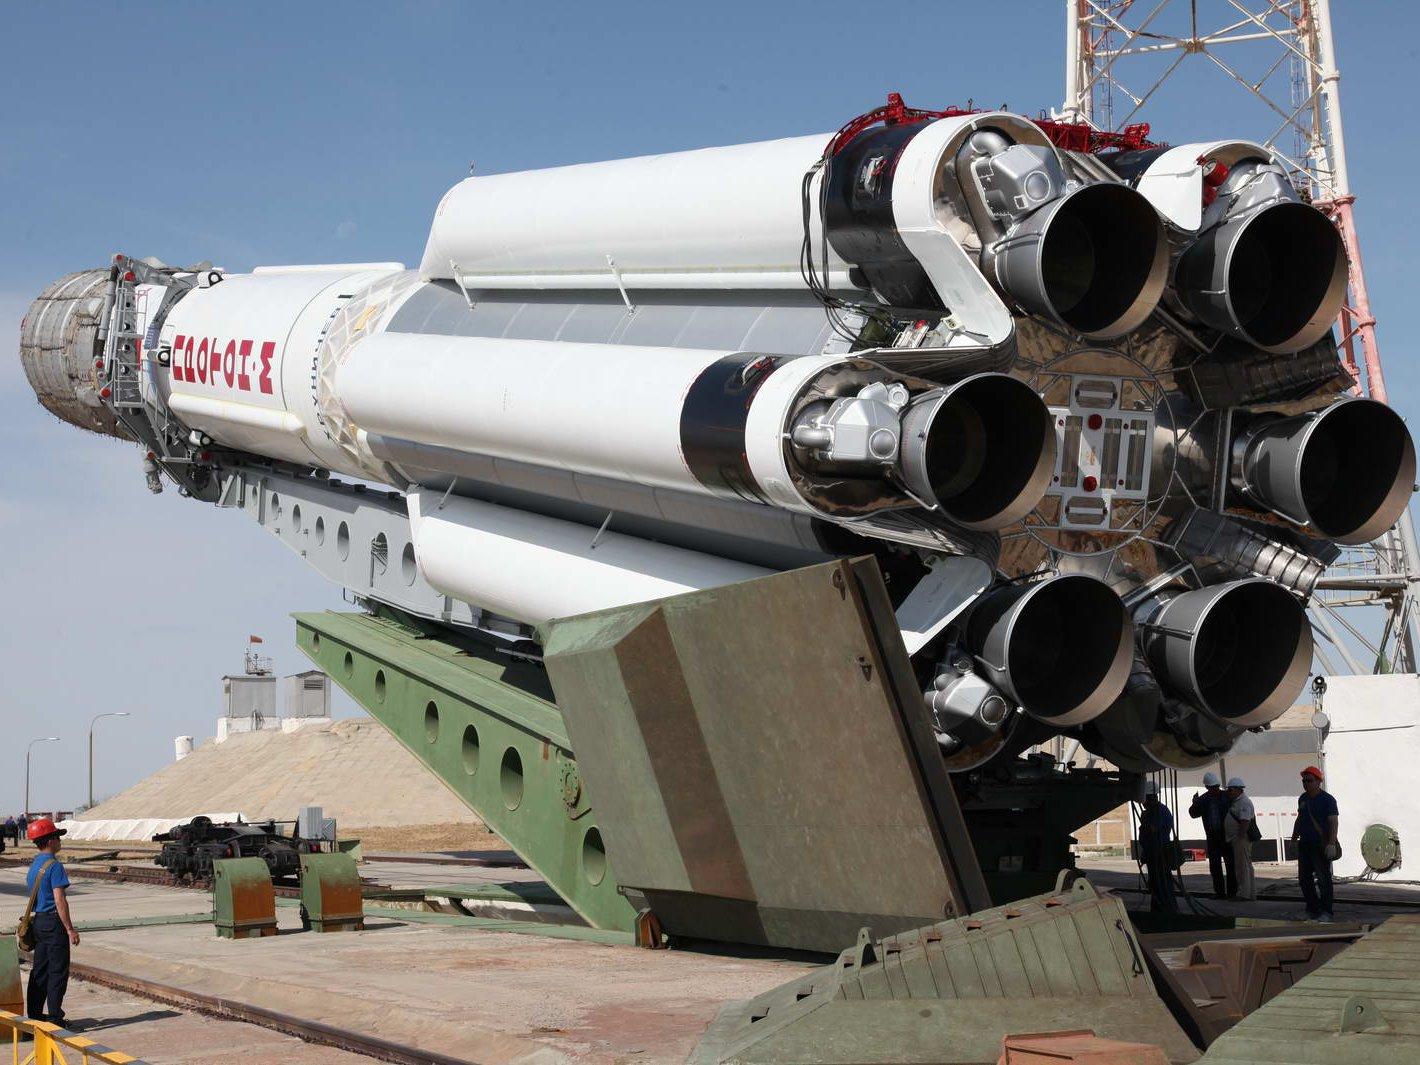 Несимметричный диметилгидразин— широко распространённое жидкое топливо для ракетных двигателей. НДМГ используется втом числе вракетах «Протон-М».